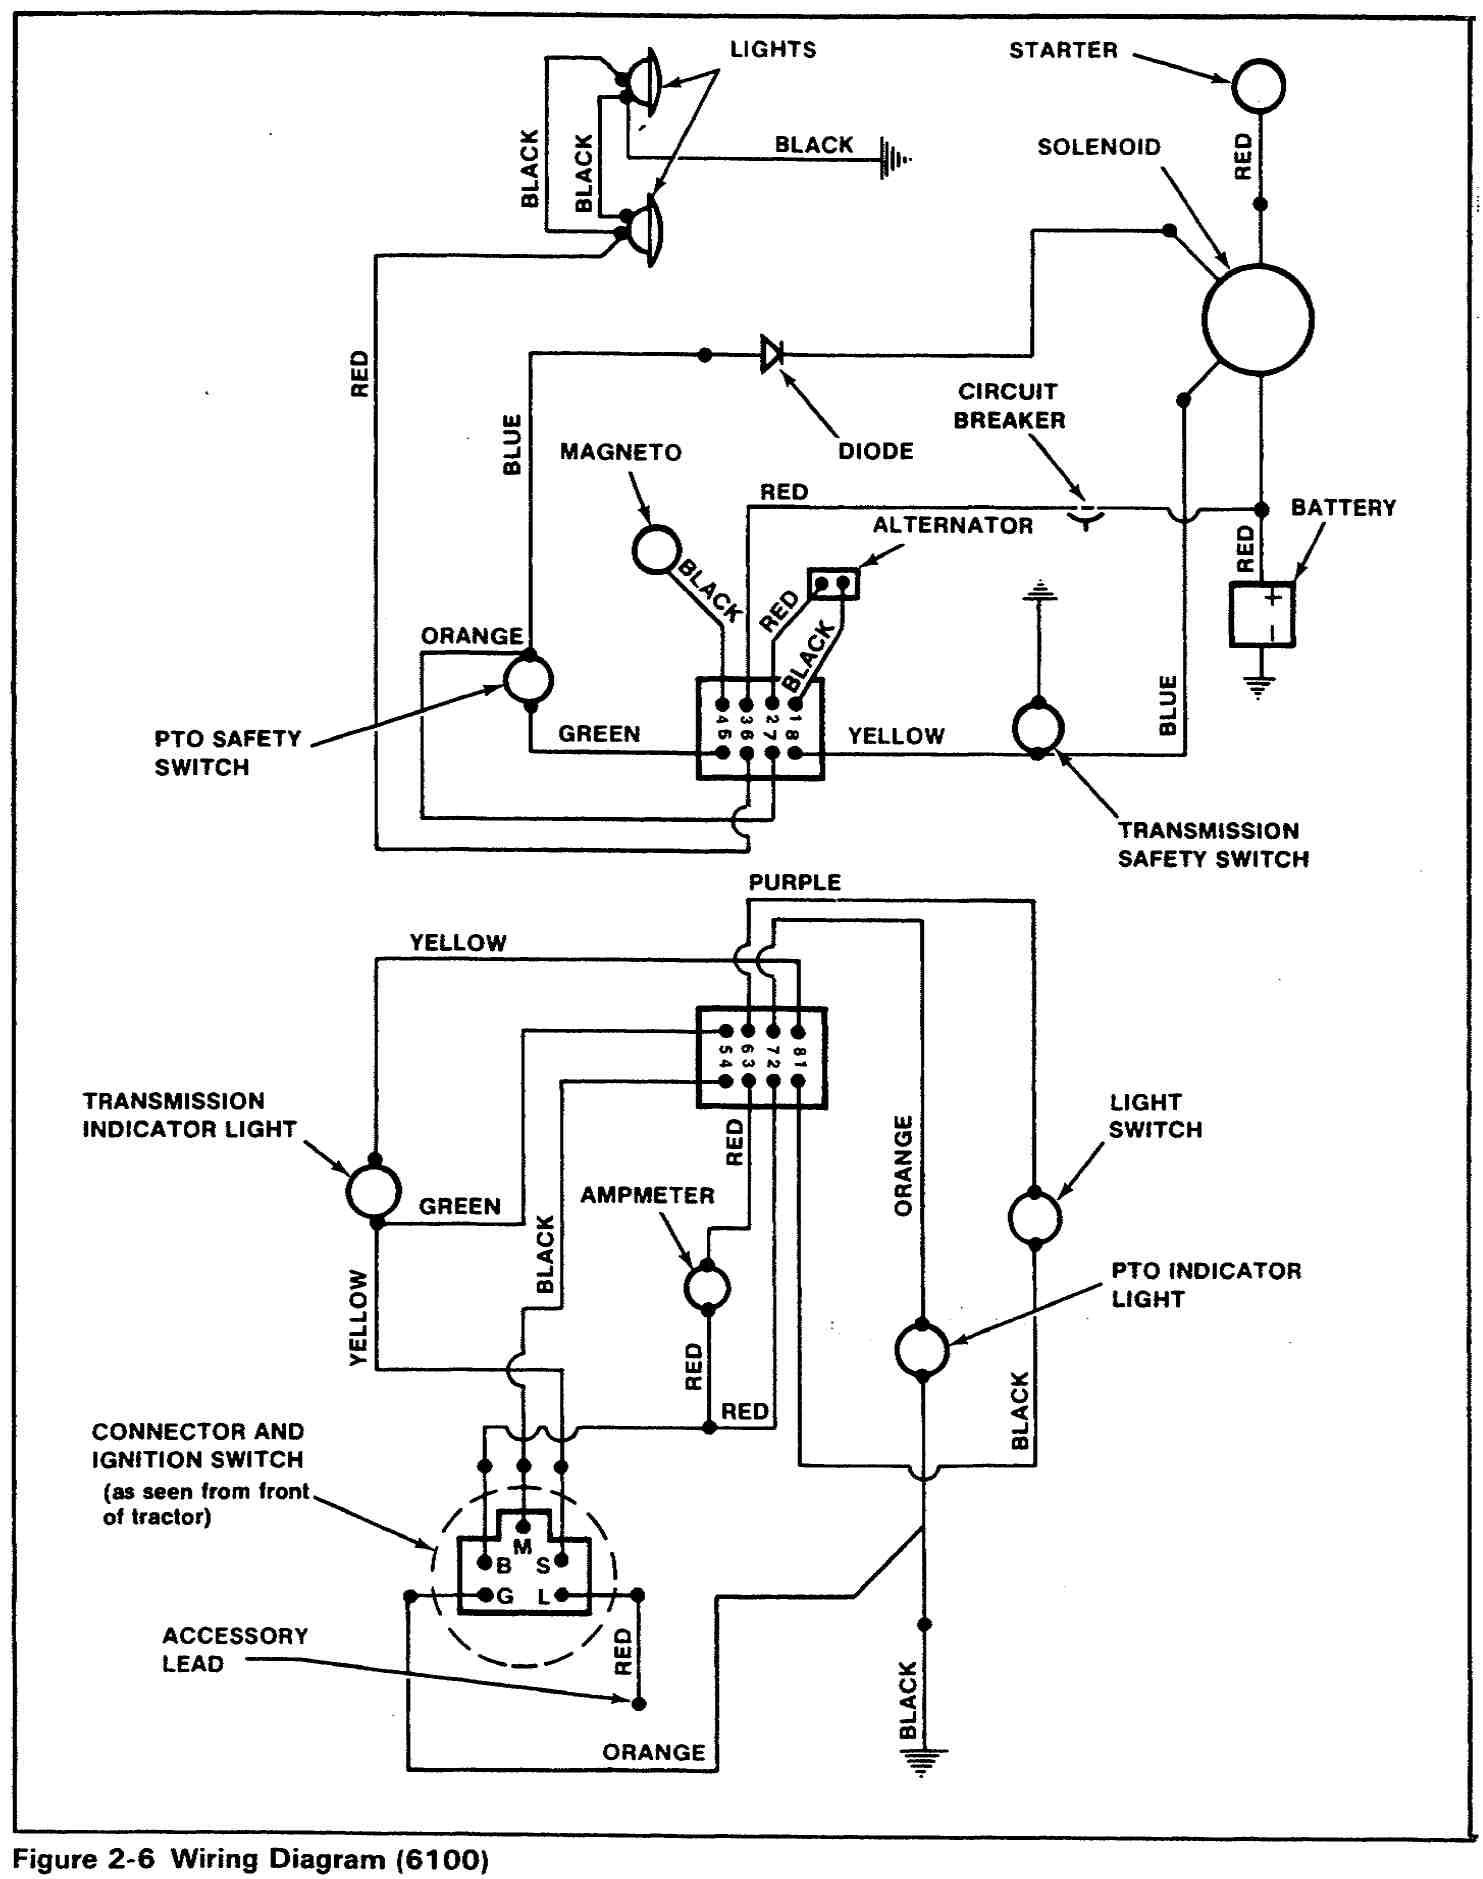 simplicity lawn mower diagrams simplicity database wiring simplicity lawn mower diagrams